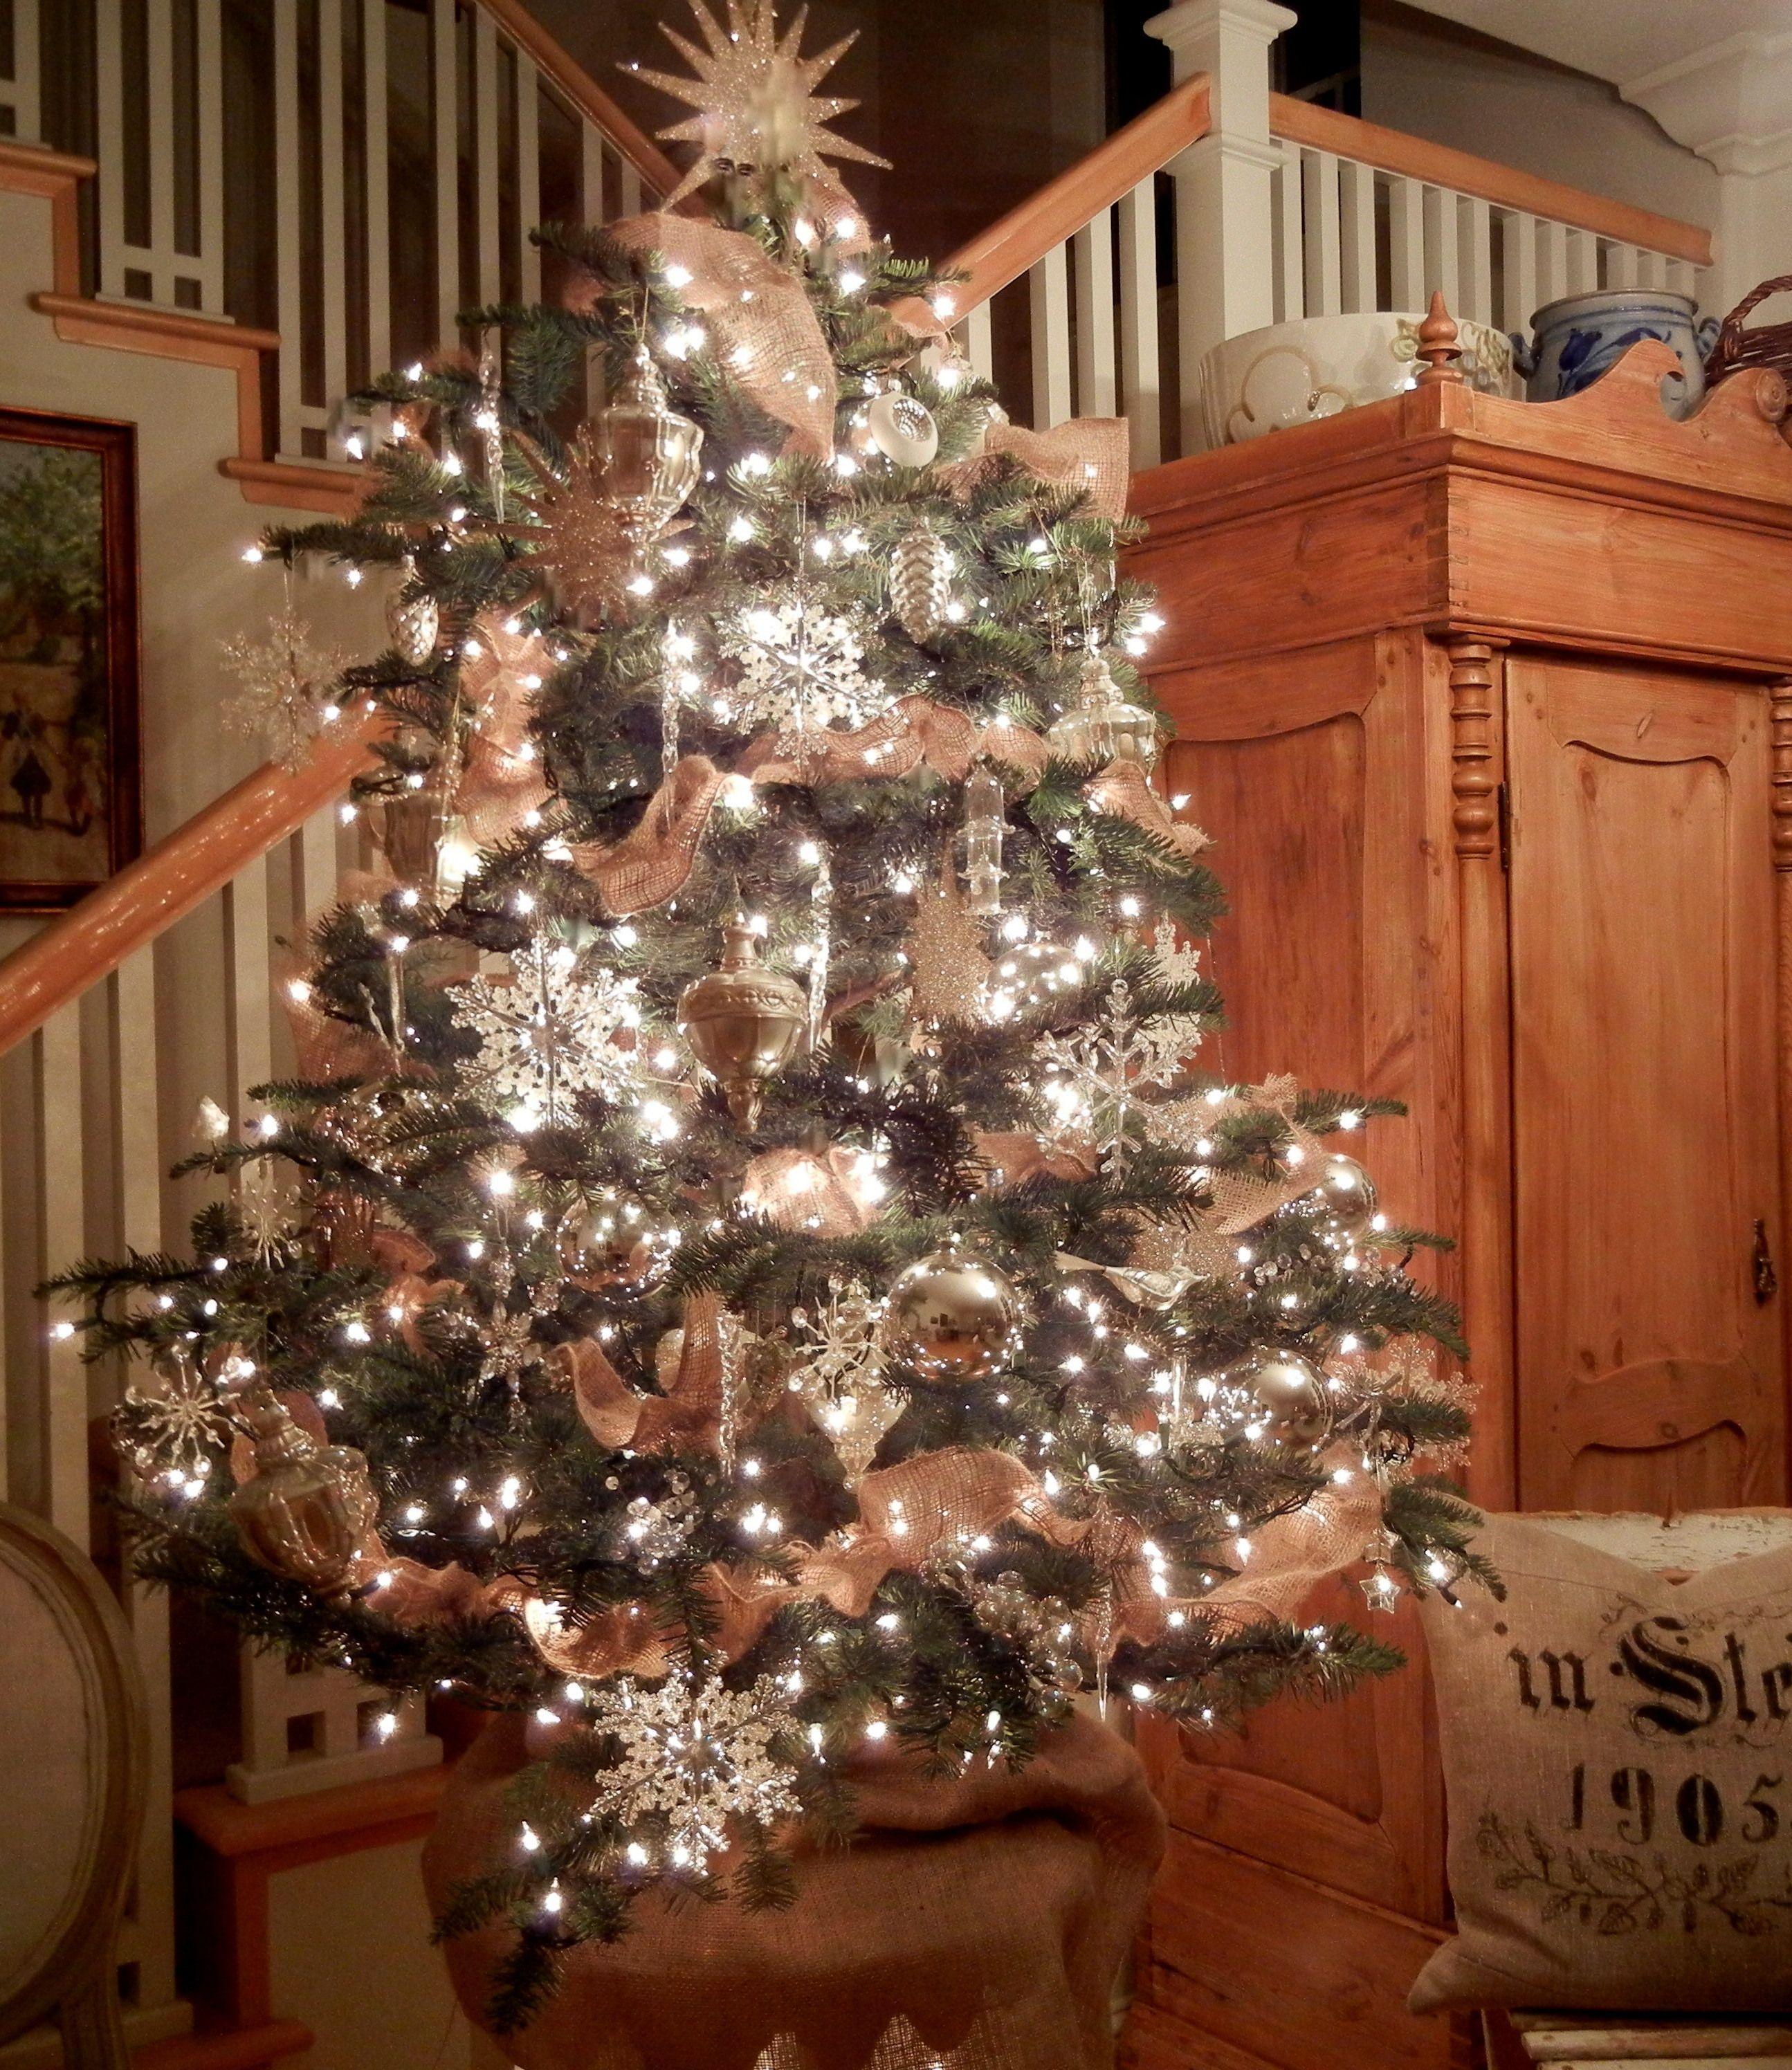 Am Weihnachtsbaum die Lichter brennen...